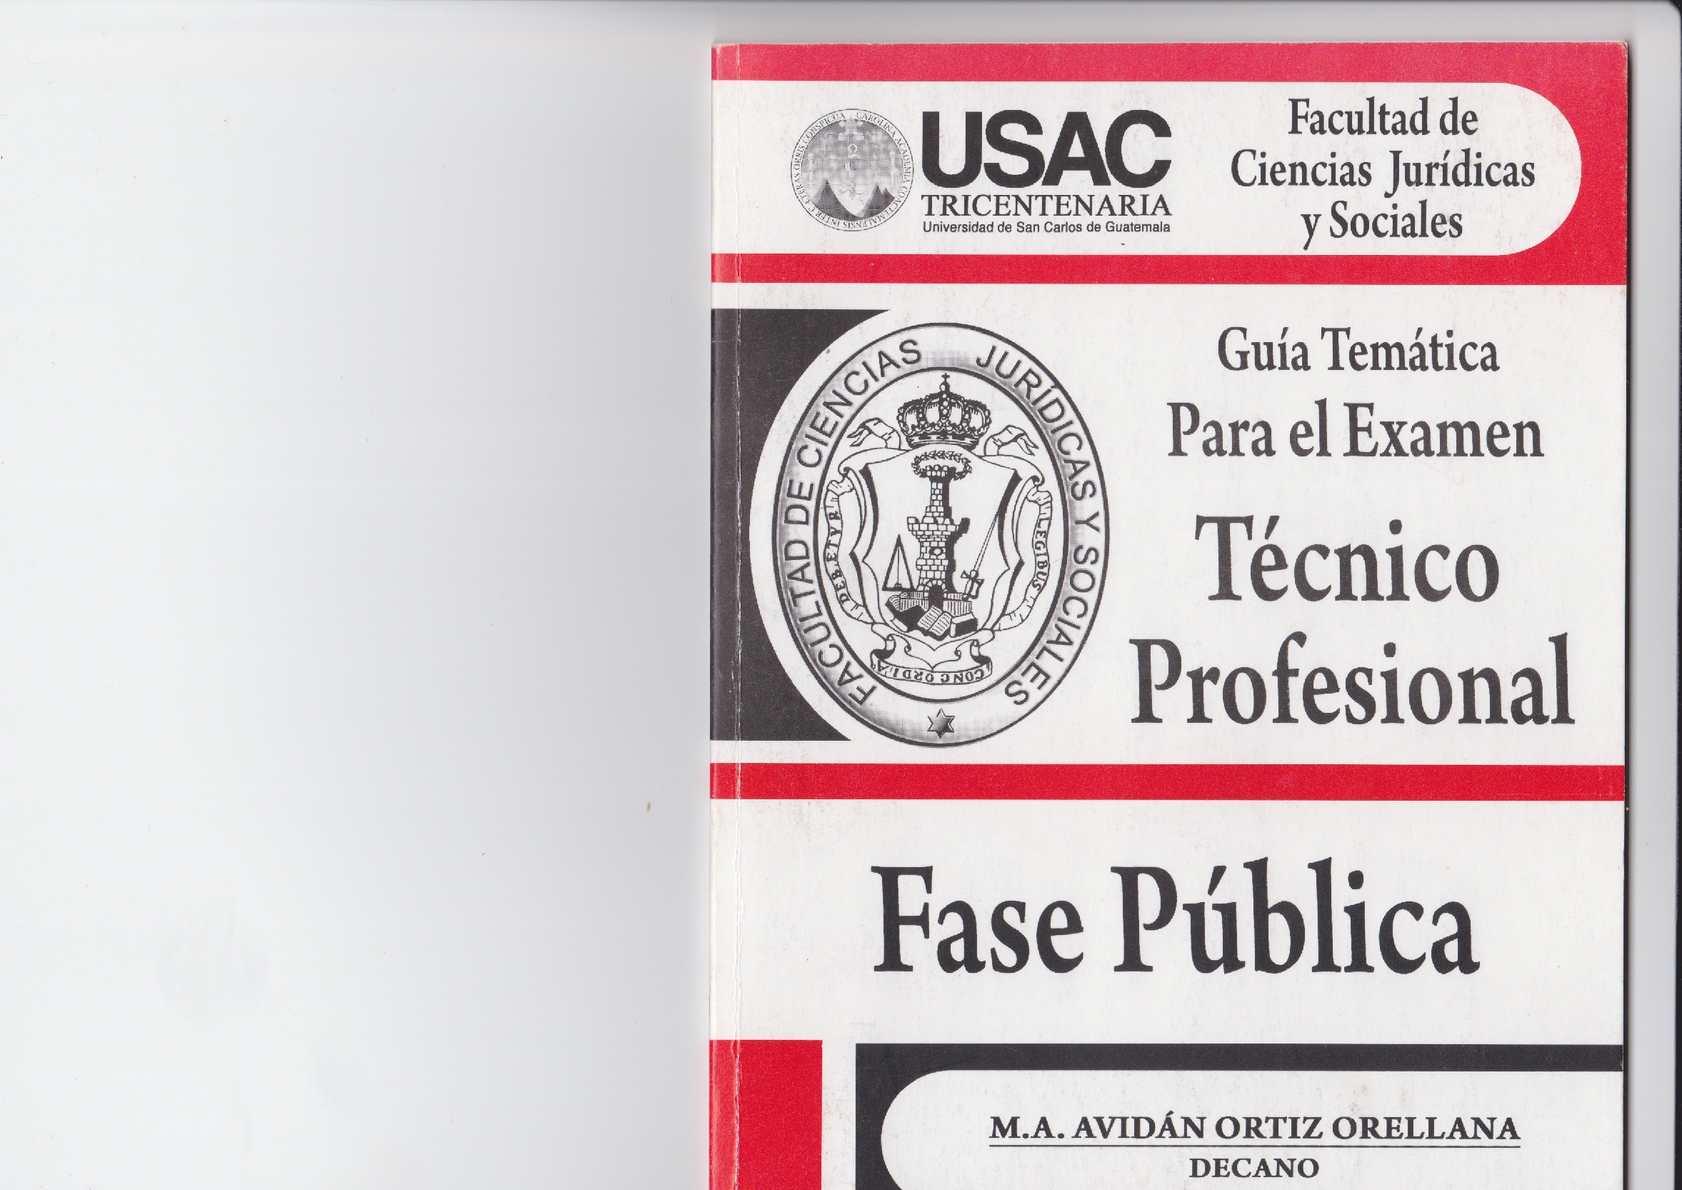 GUIA TEMATICA PARA EL EXAMEN TECNICO PROFESIONAL - FASE PUBLICA -